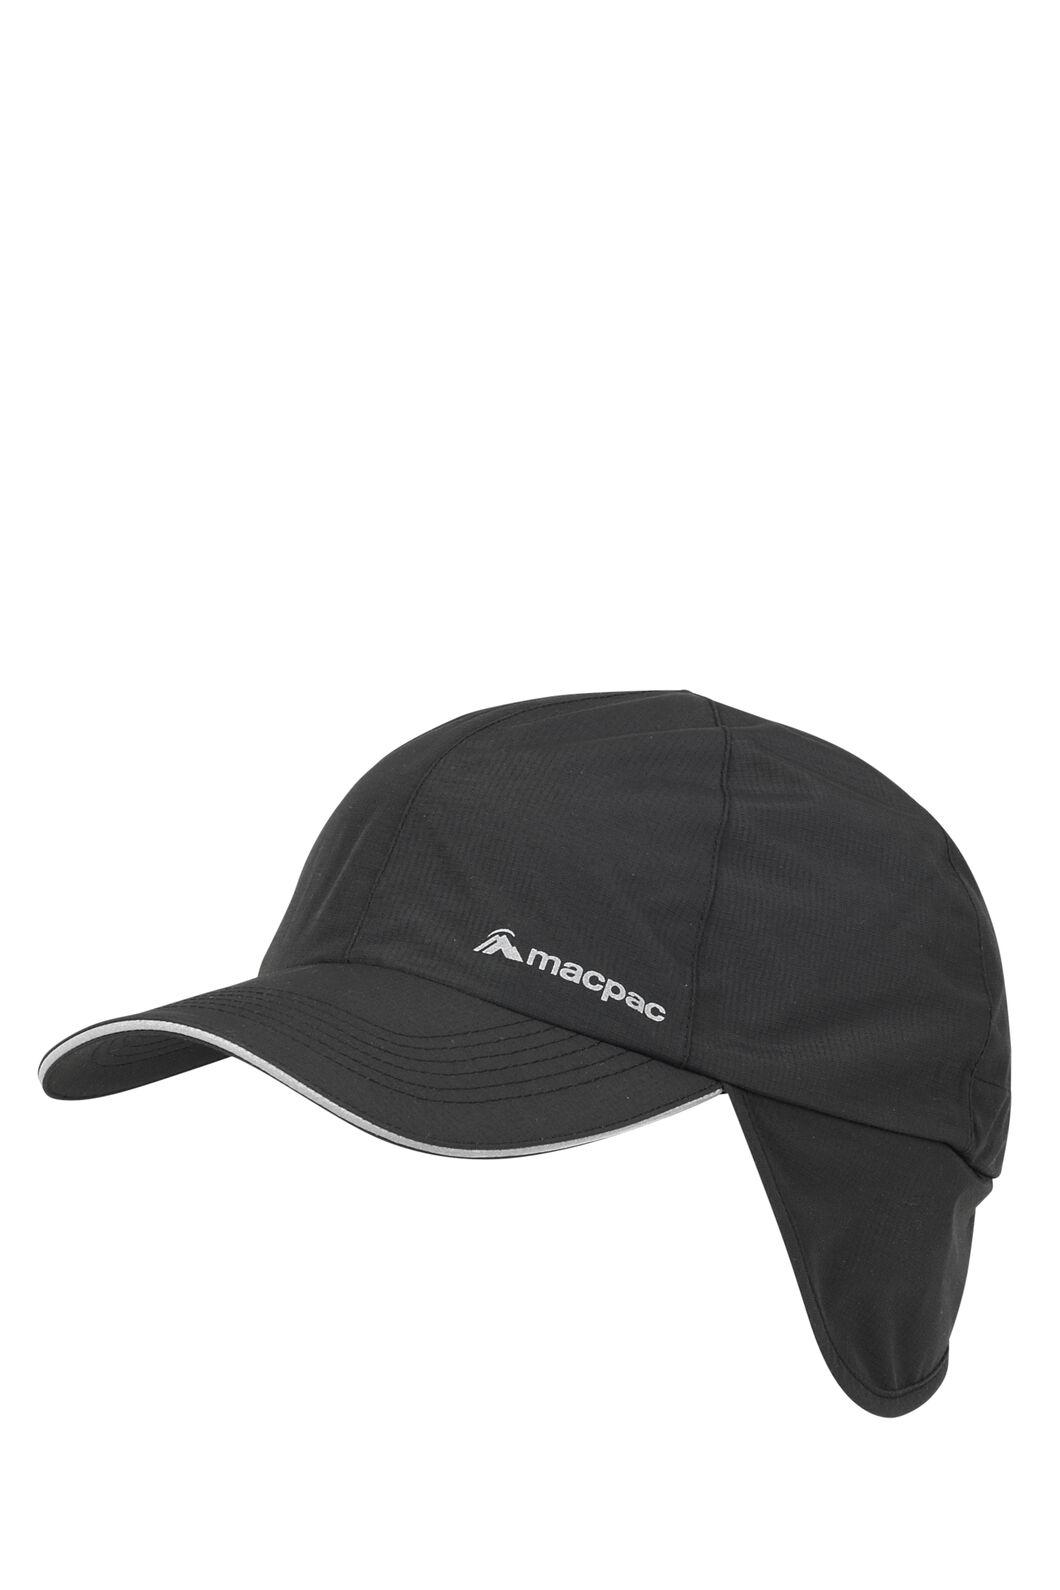 Macpac Waterproof Cap, Black, hi-res